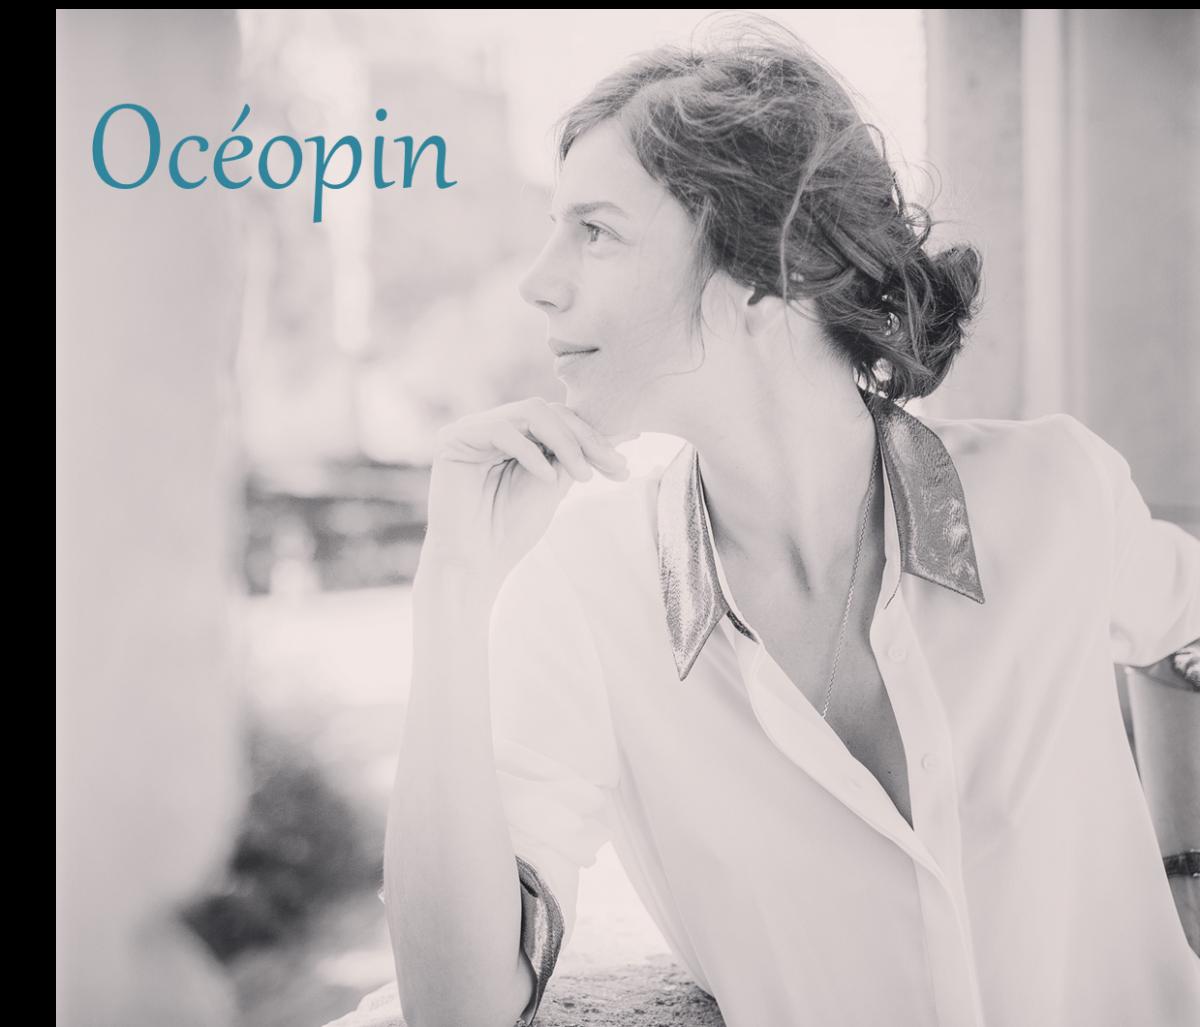 Océopin, Marina co-fondatrice de la marque Océopin